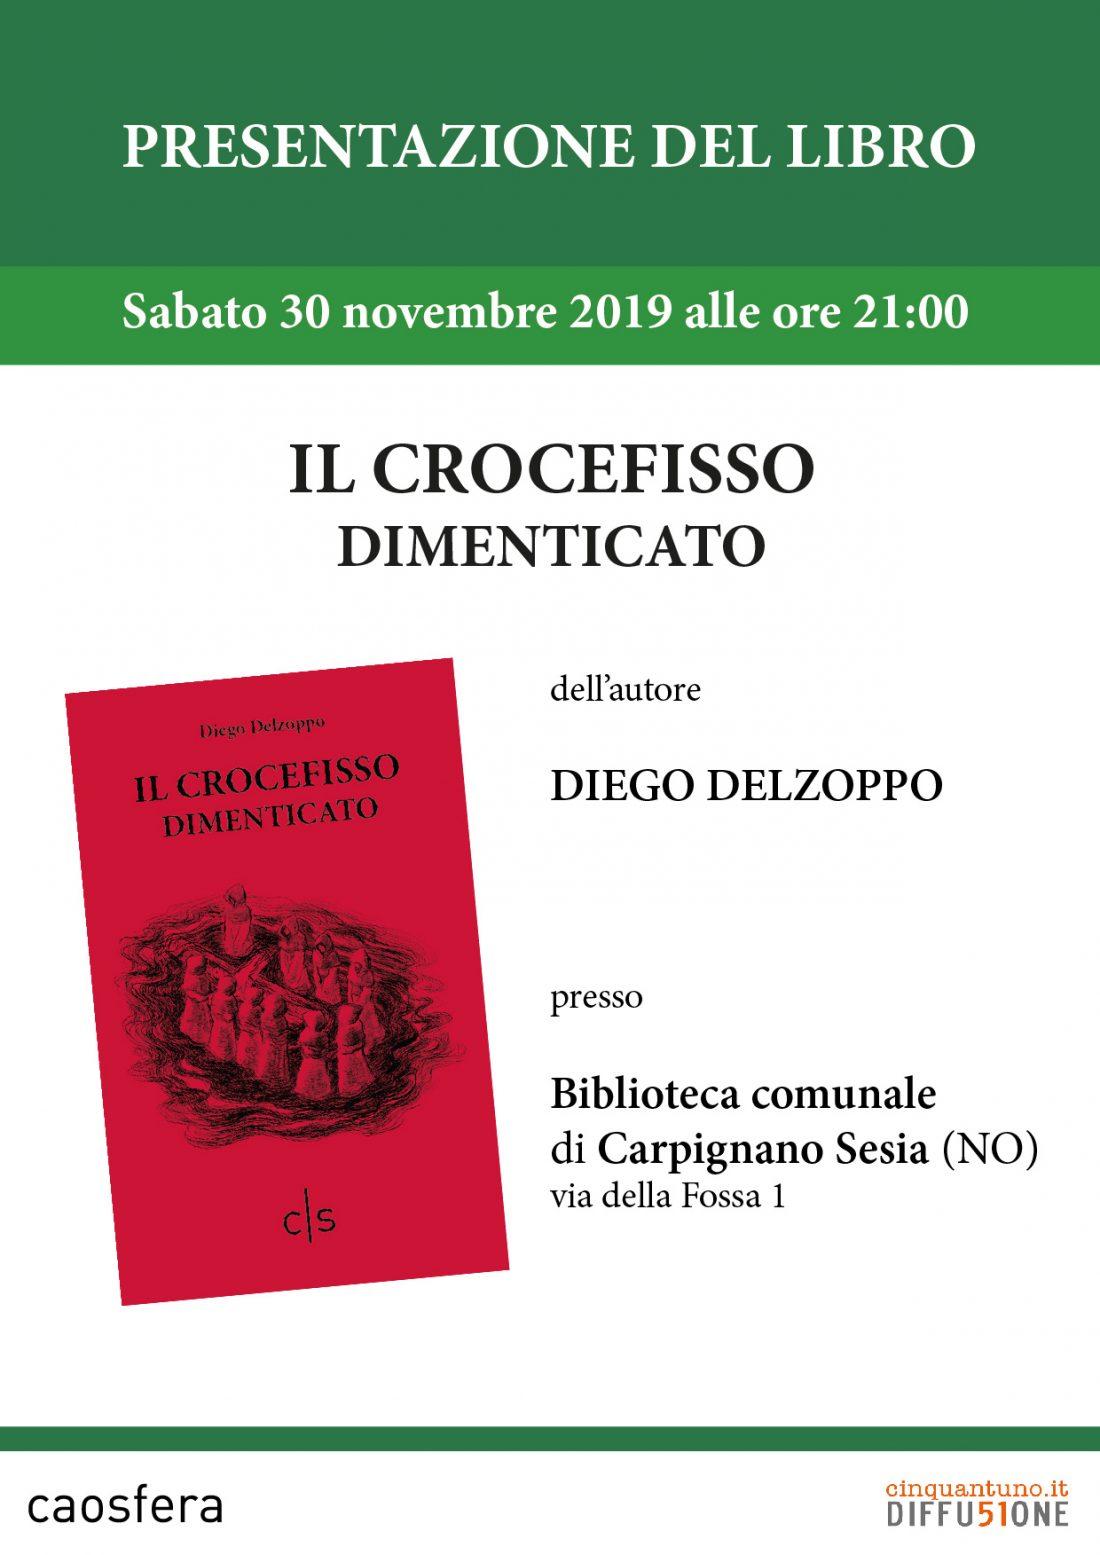 """Presentazione del libro """"Il crocefisso dimenticato"""" di Diego Delzoppo"""